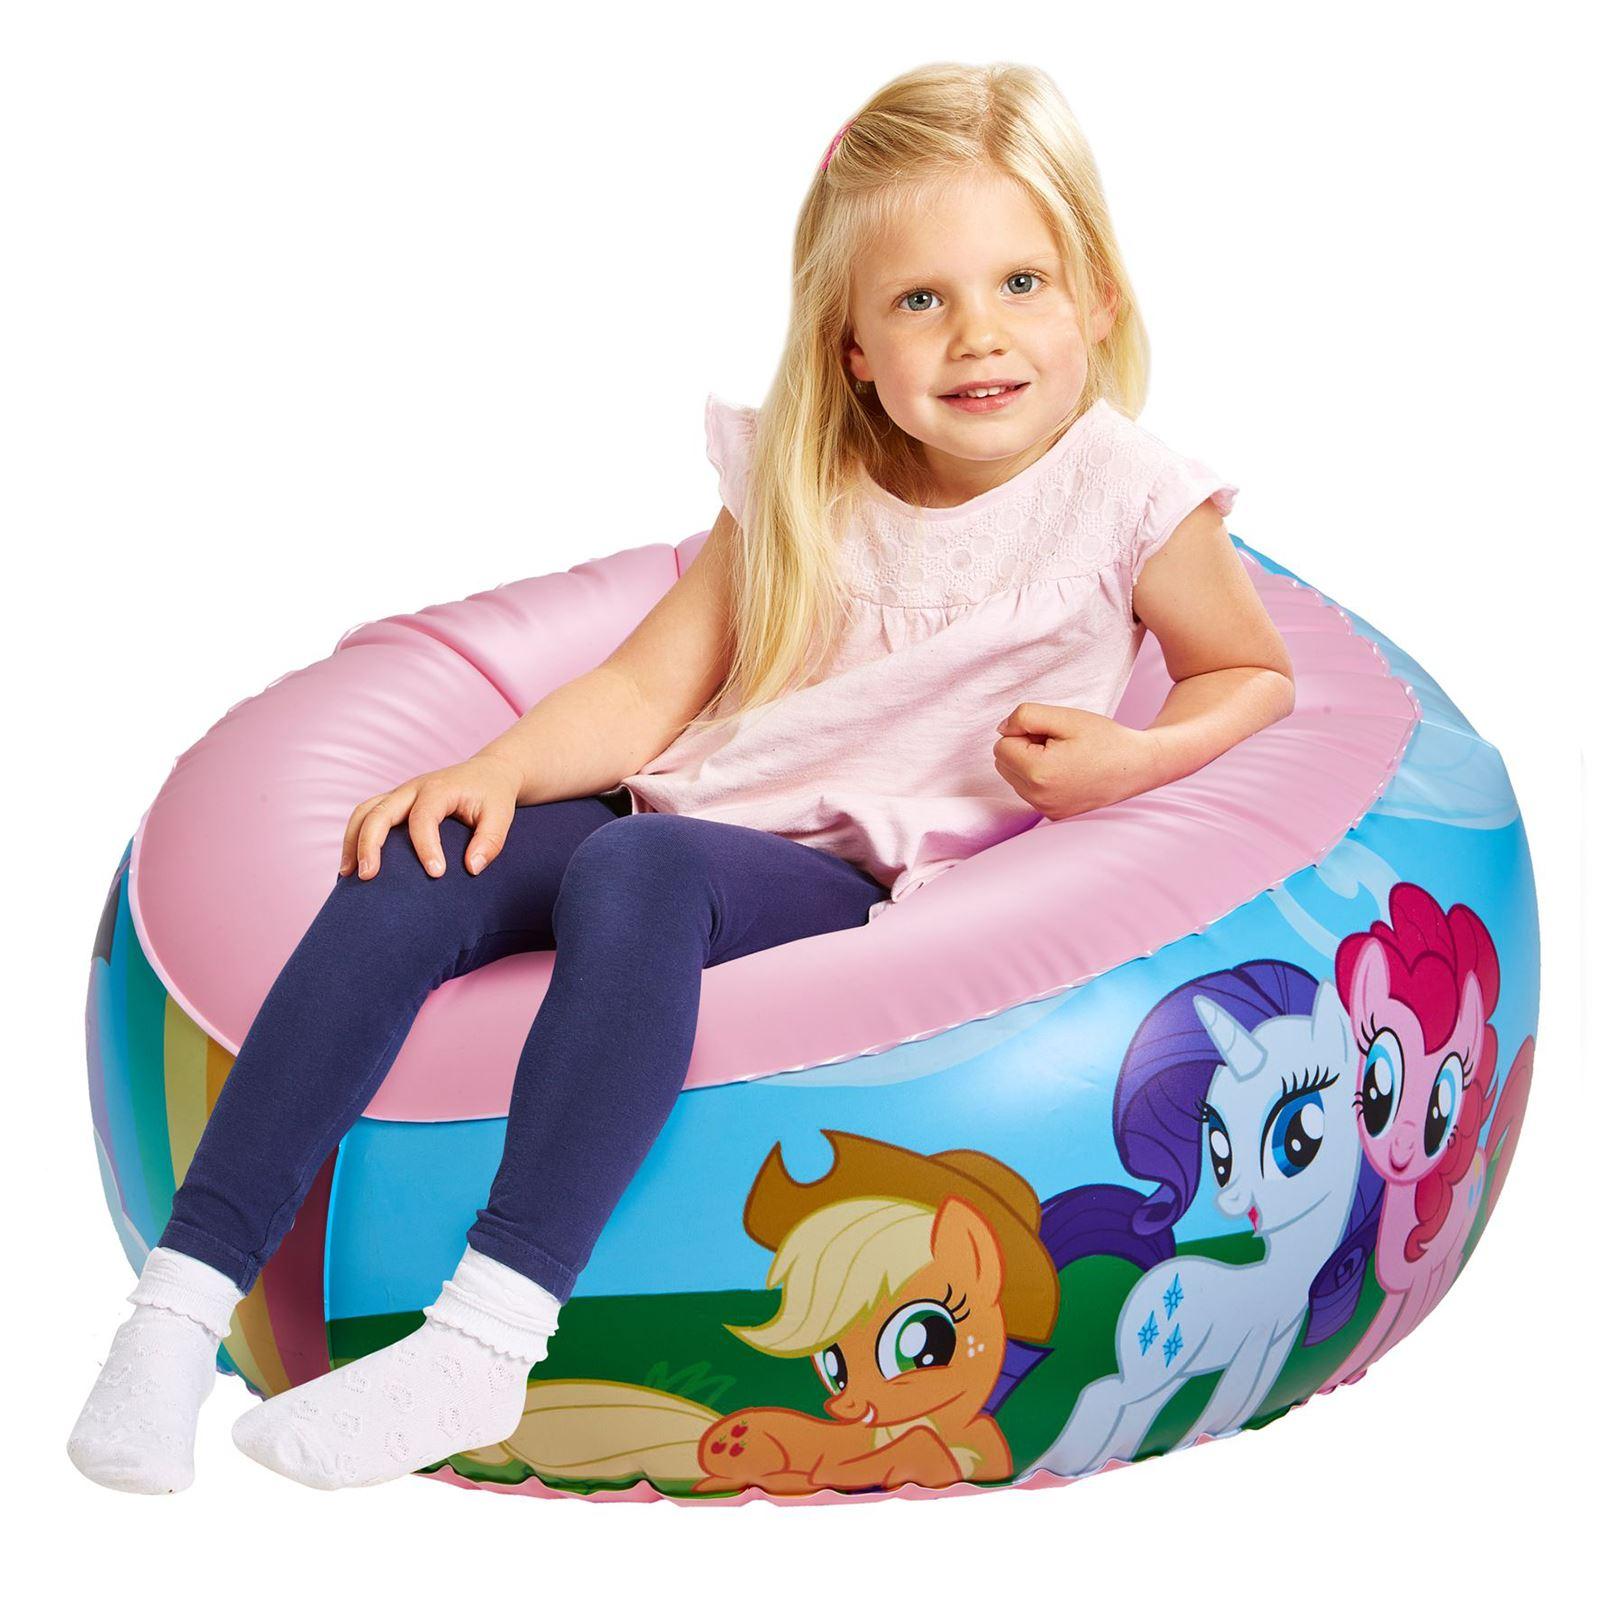 Indexbild 11 - Kinder Aufblasbarer Sessel - PAW PATROL, My LIttle Pony, Star Wars, Toy Story